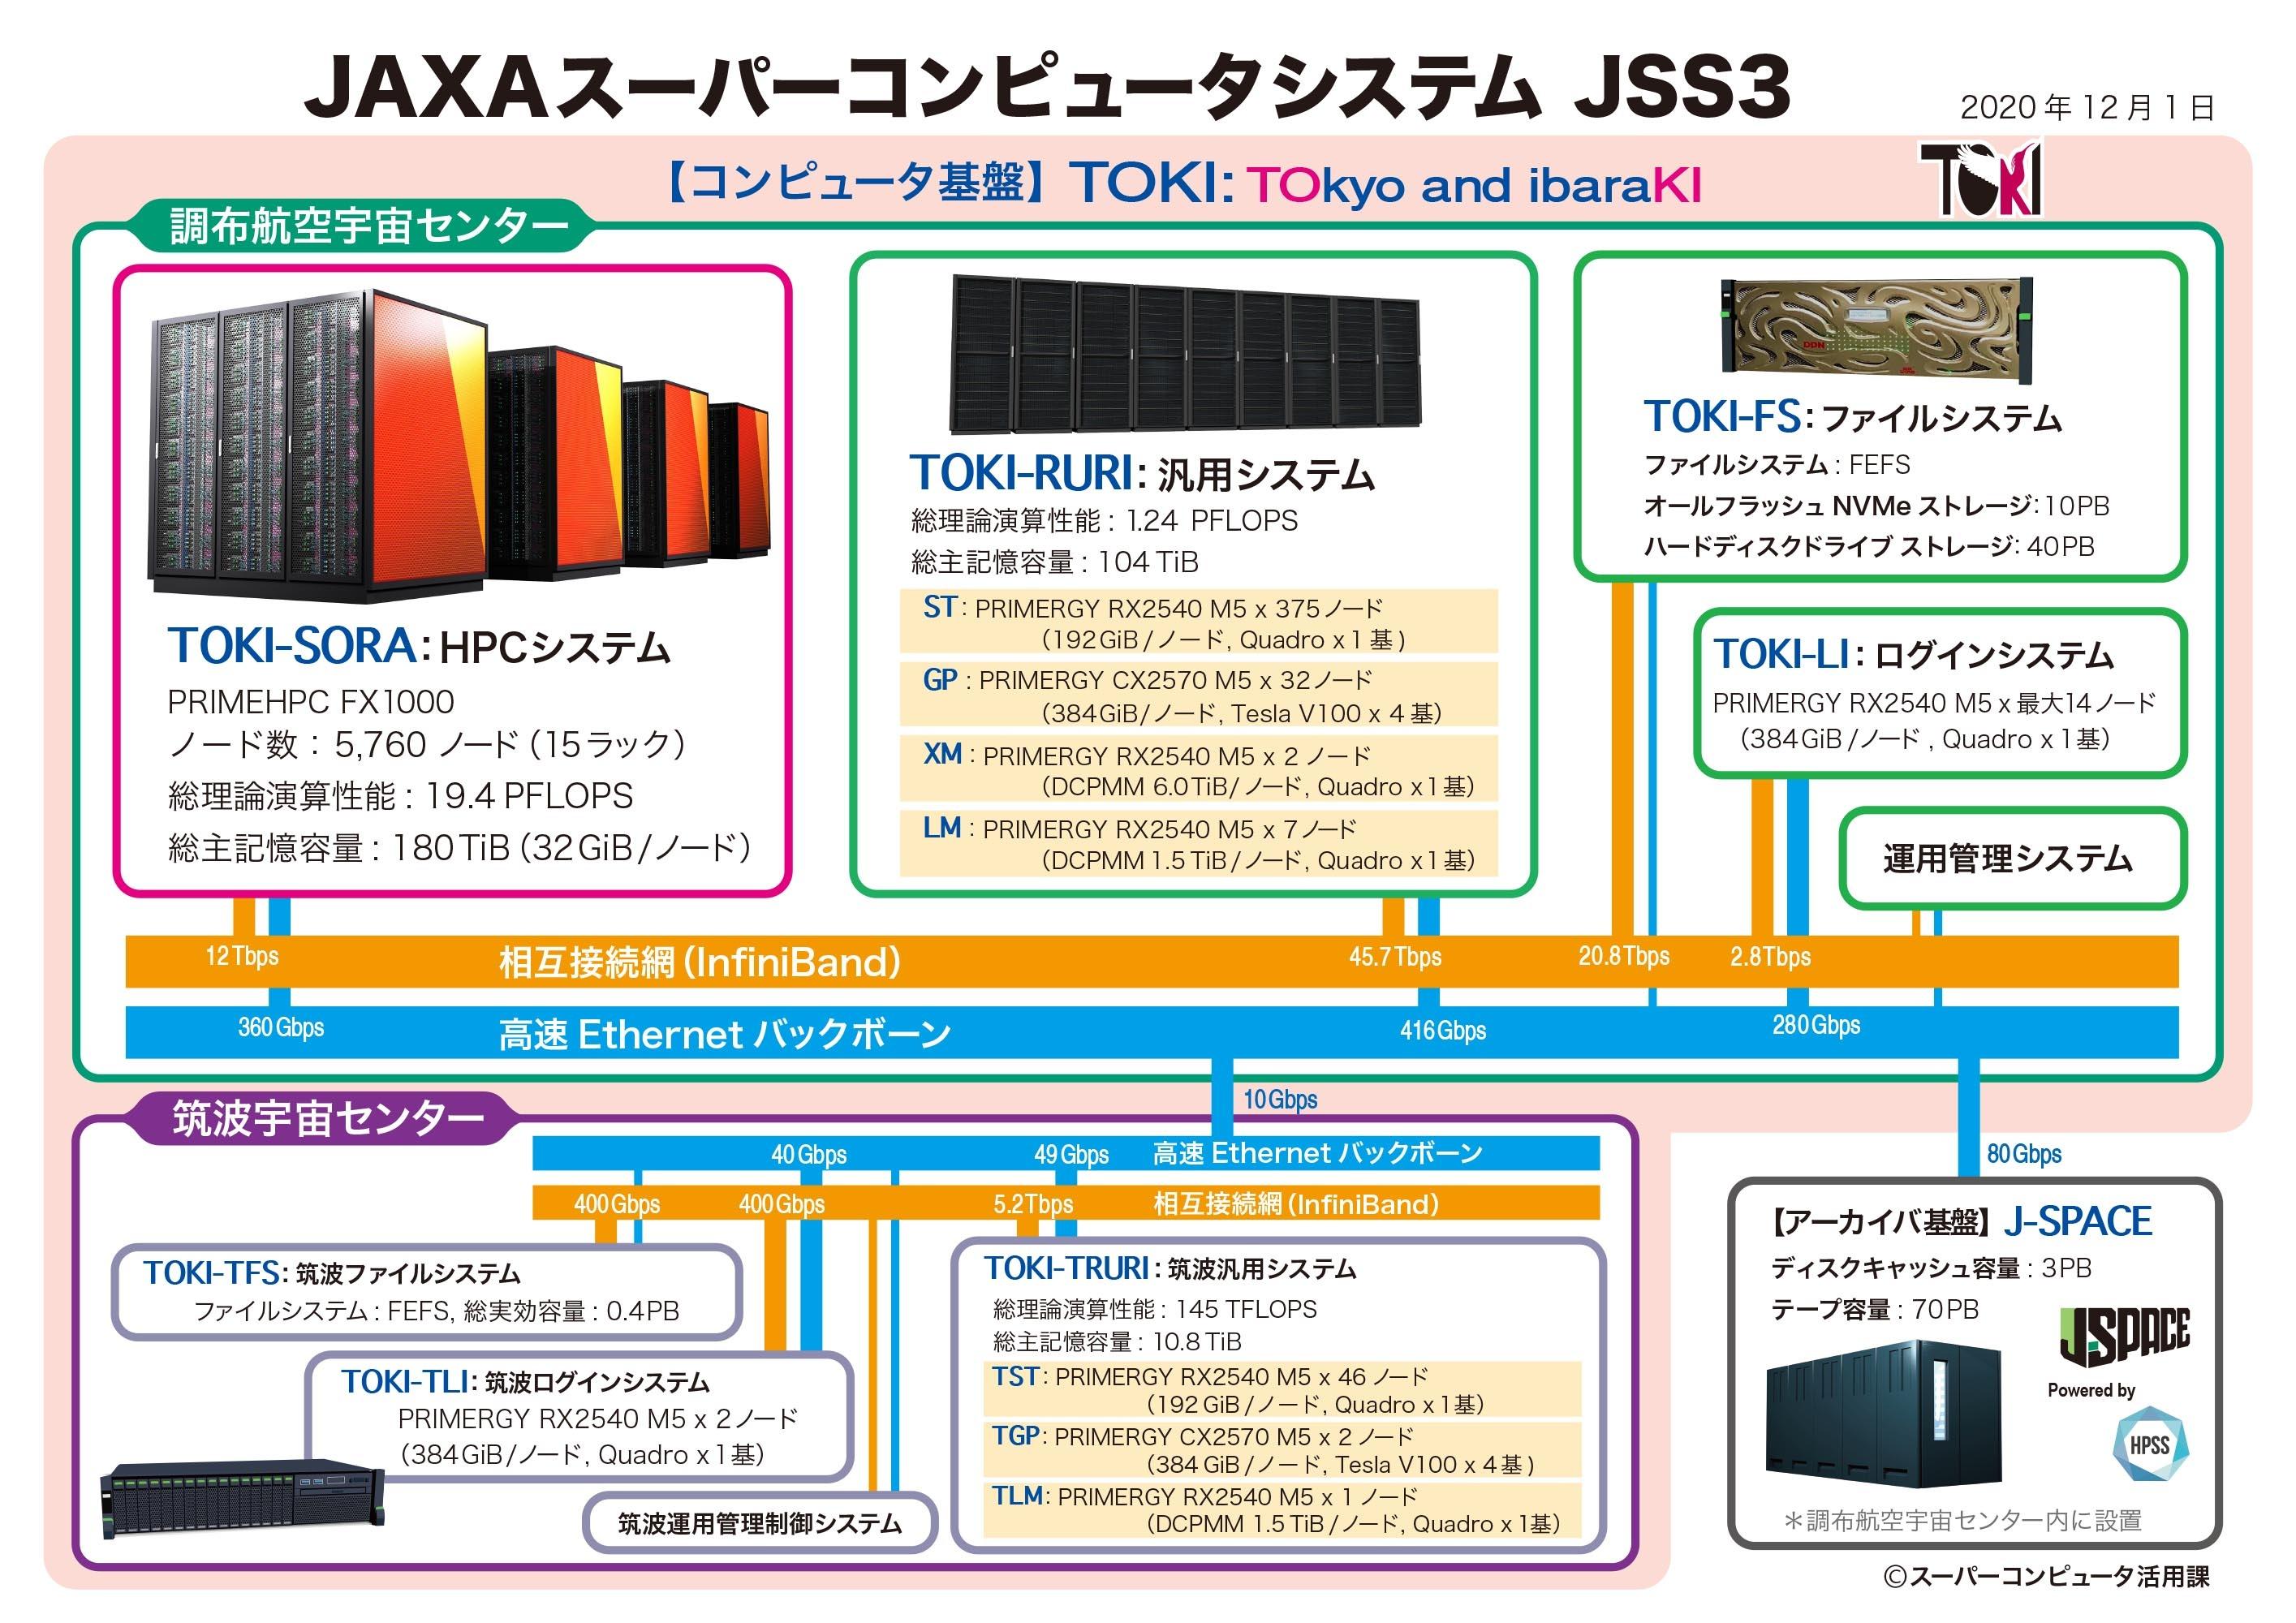 図版: JSS3 のシステム構成